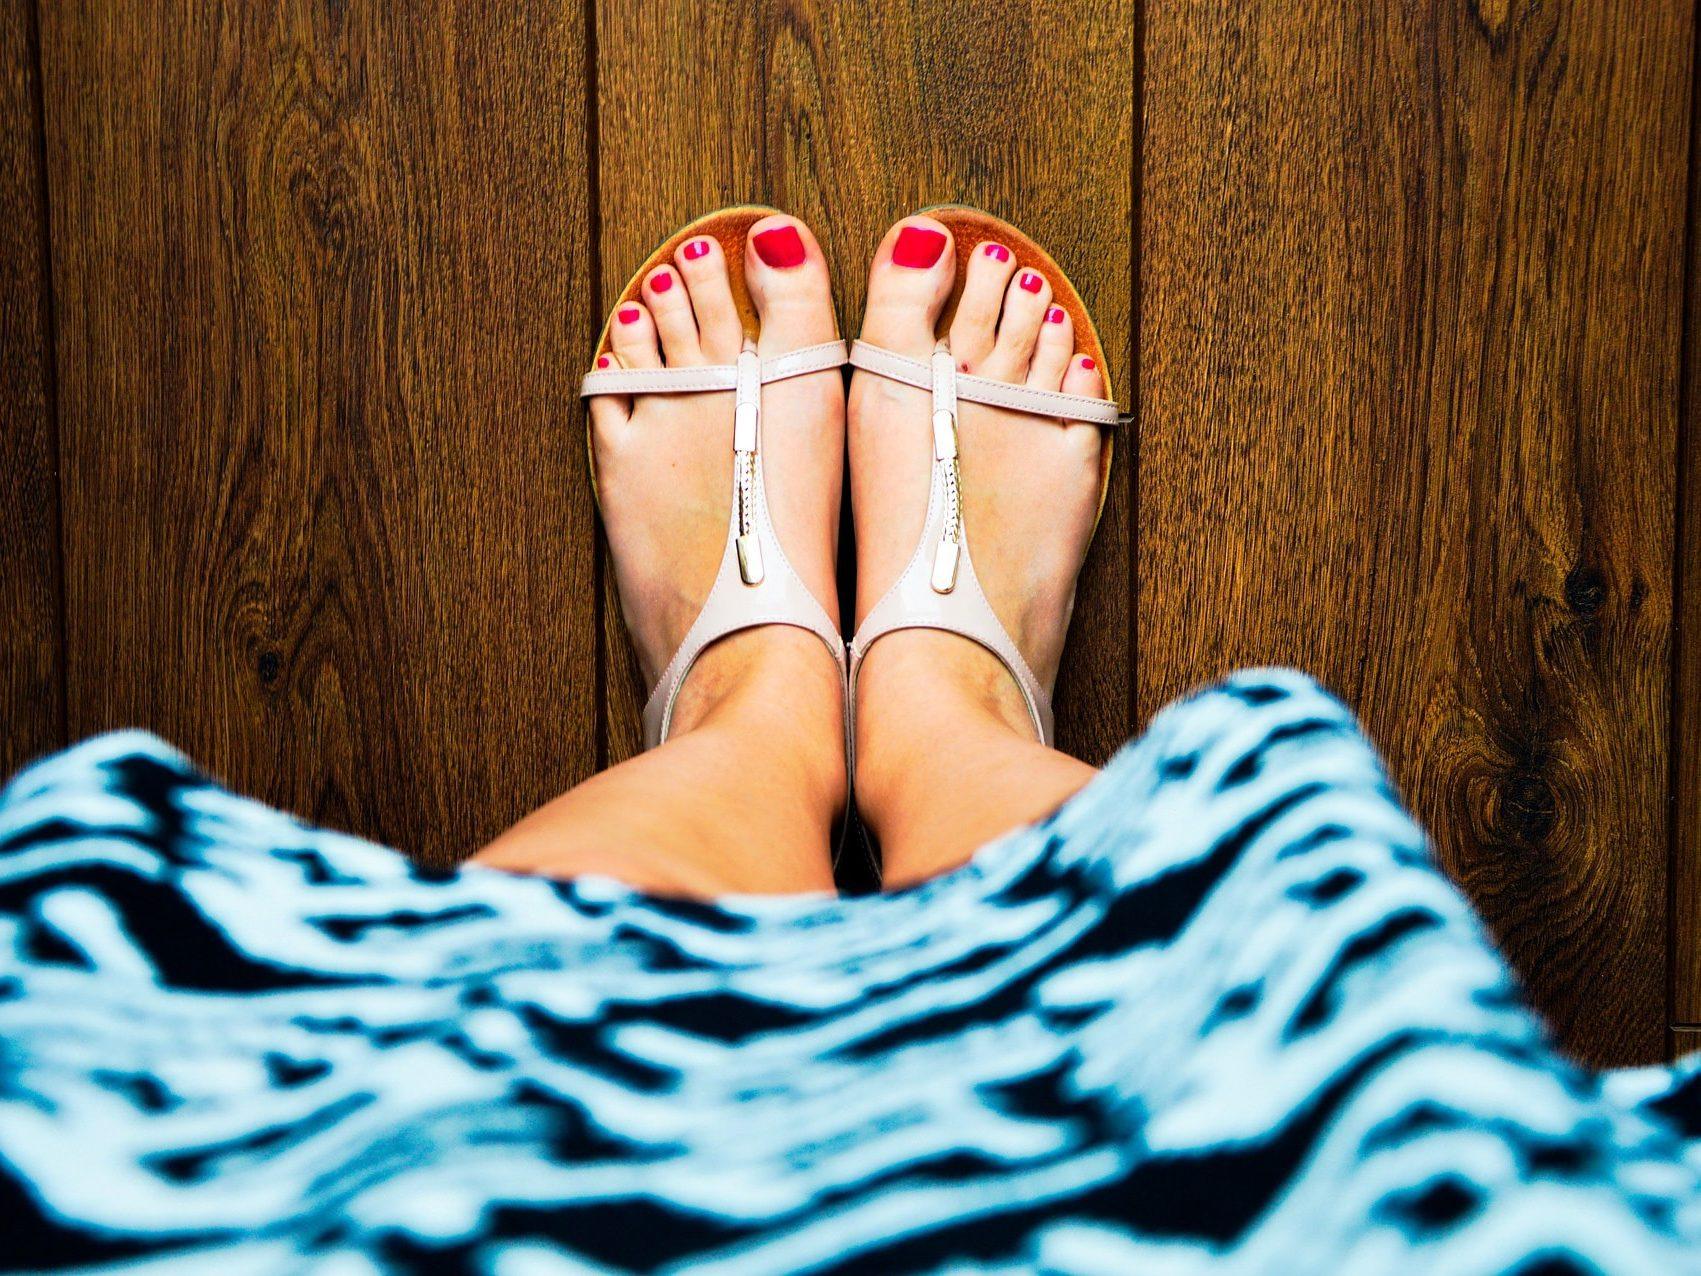 Barfuß Sandalen: perfekt für den Sommer